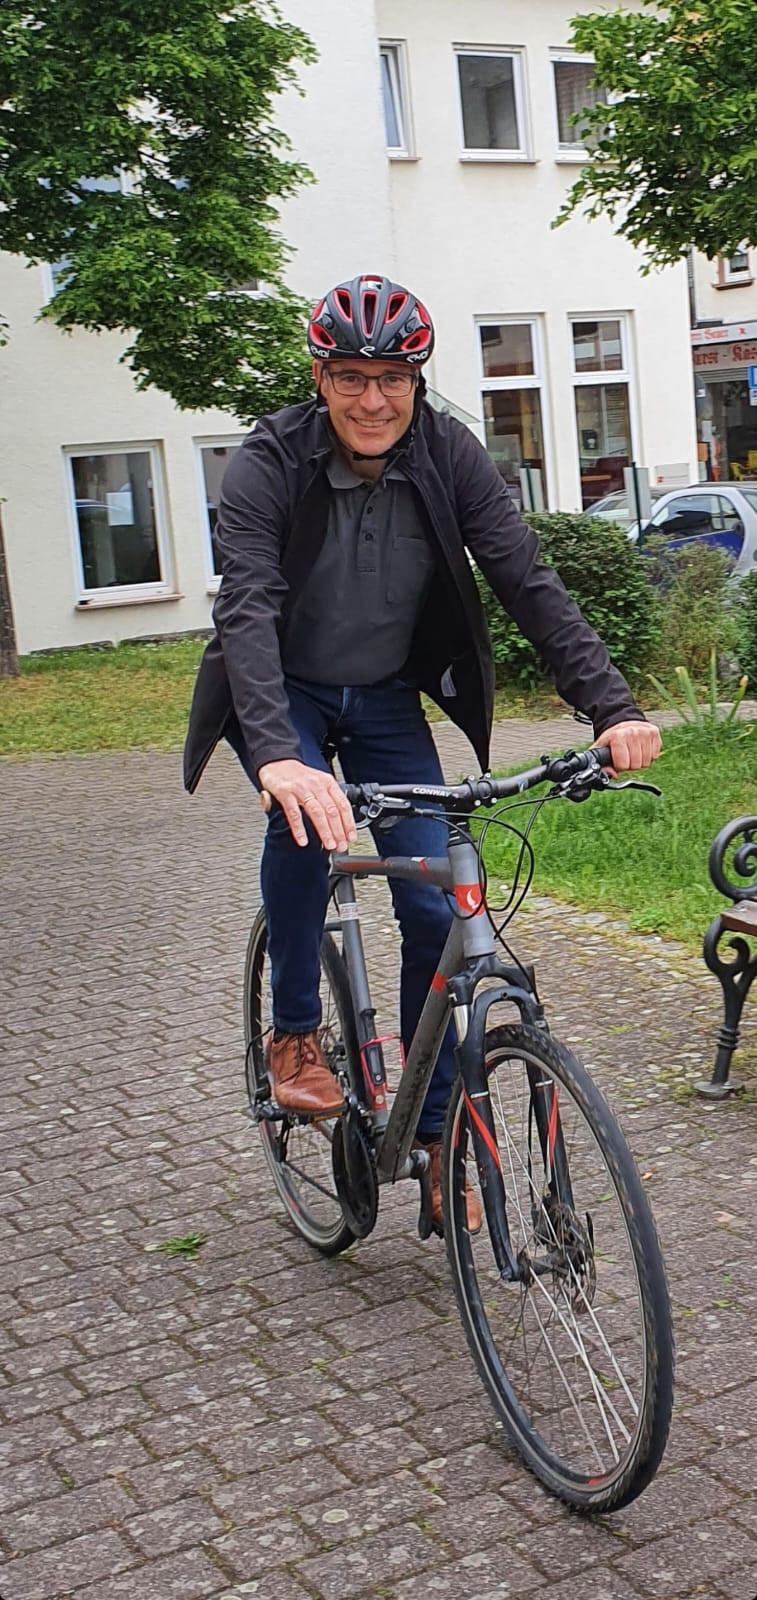 Bürgermeister Huge fährt auf dem Fahrrad mit Fahrradhelm